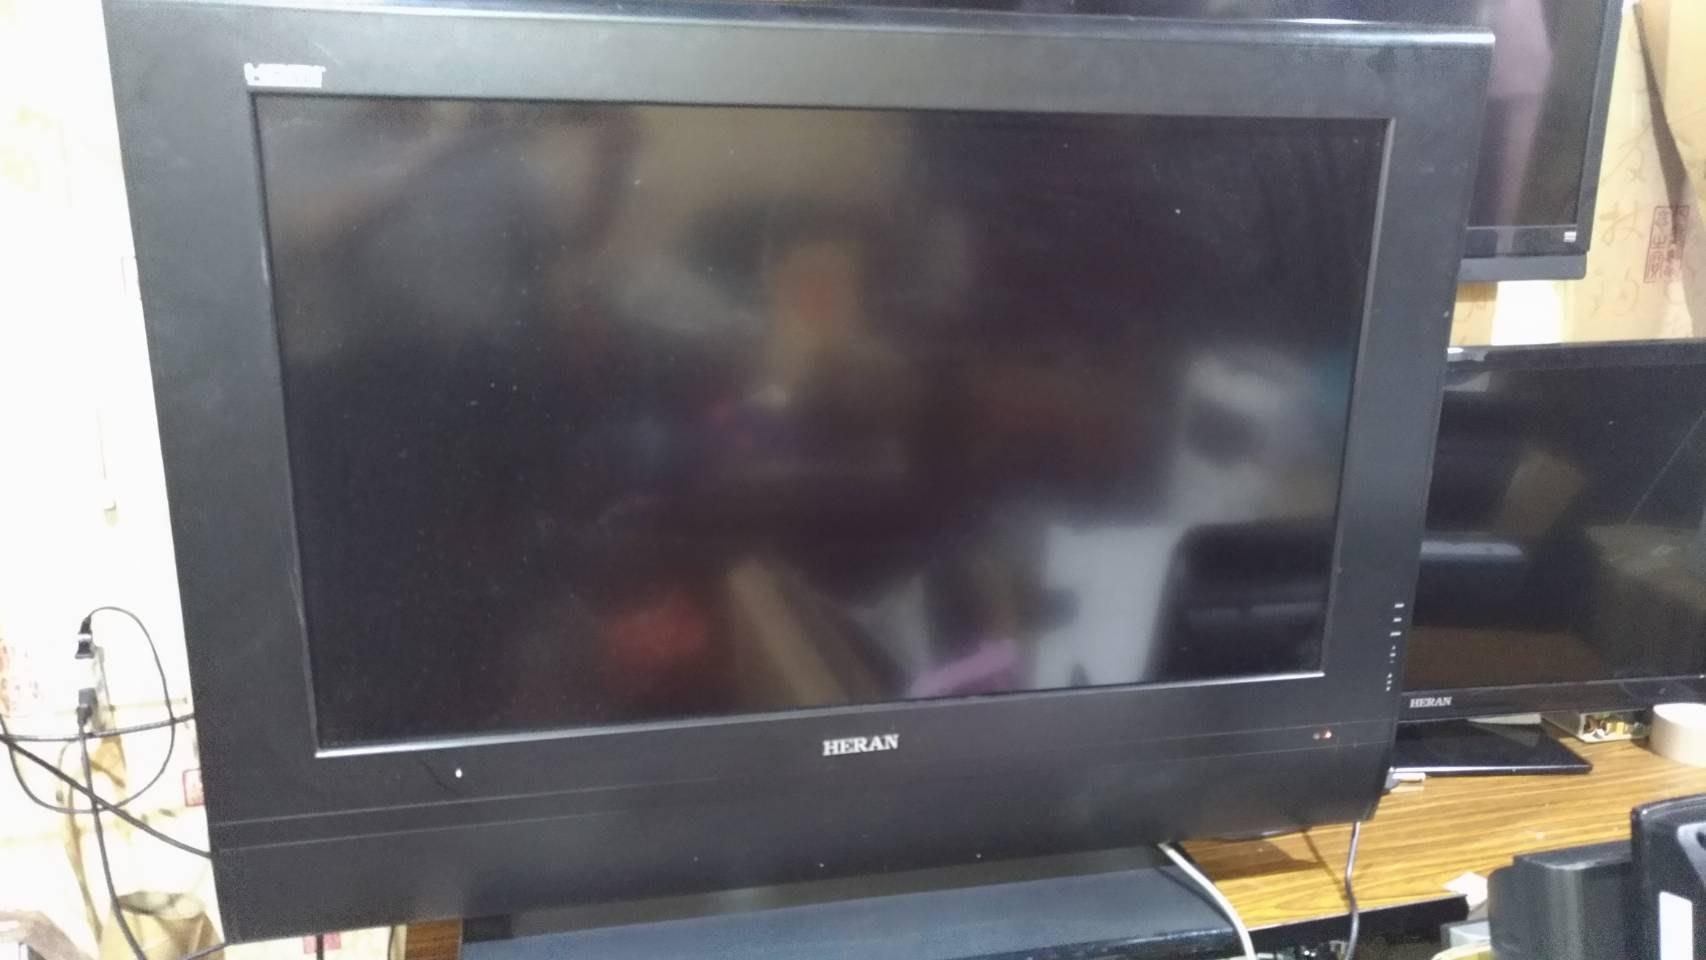 大台北 永和 二手 螢幕 禾聯 HERAN HD-40X01 40吋 電視 液晶電視 另有 55吋電視  出售